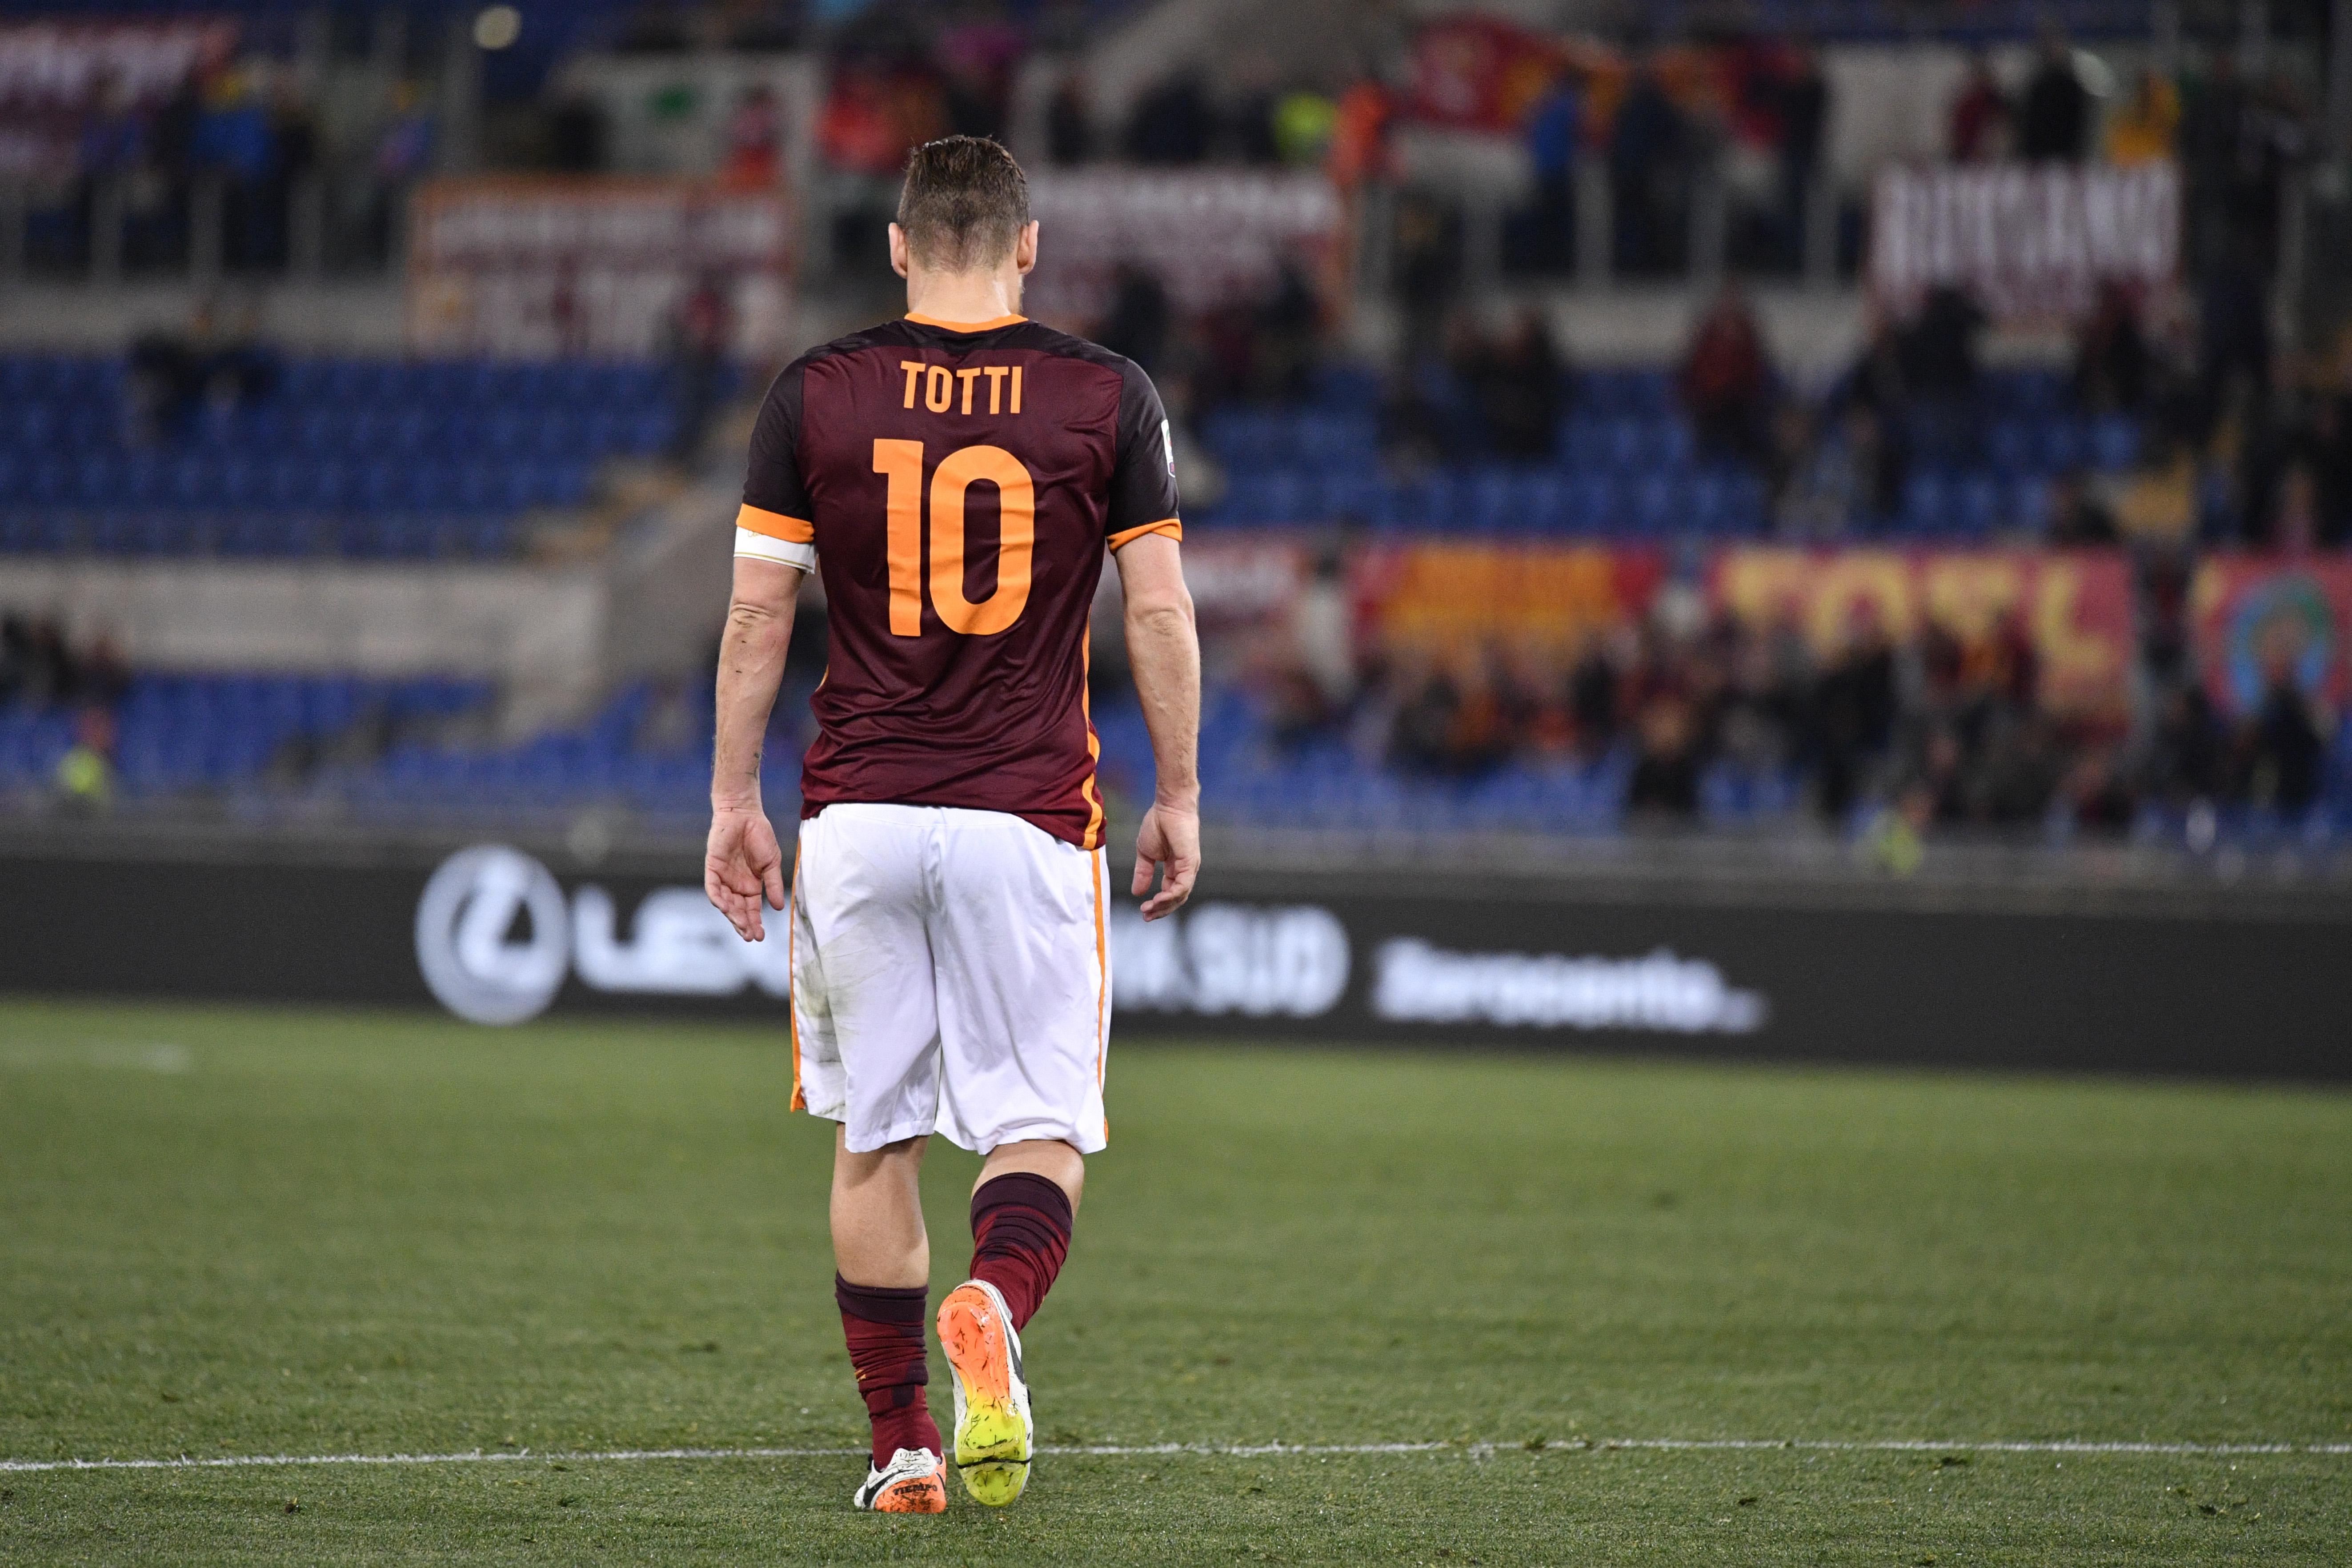 Anni di crisi: anche i Totti piangono